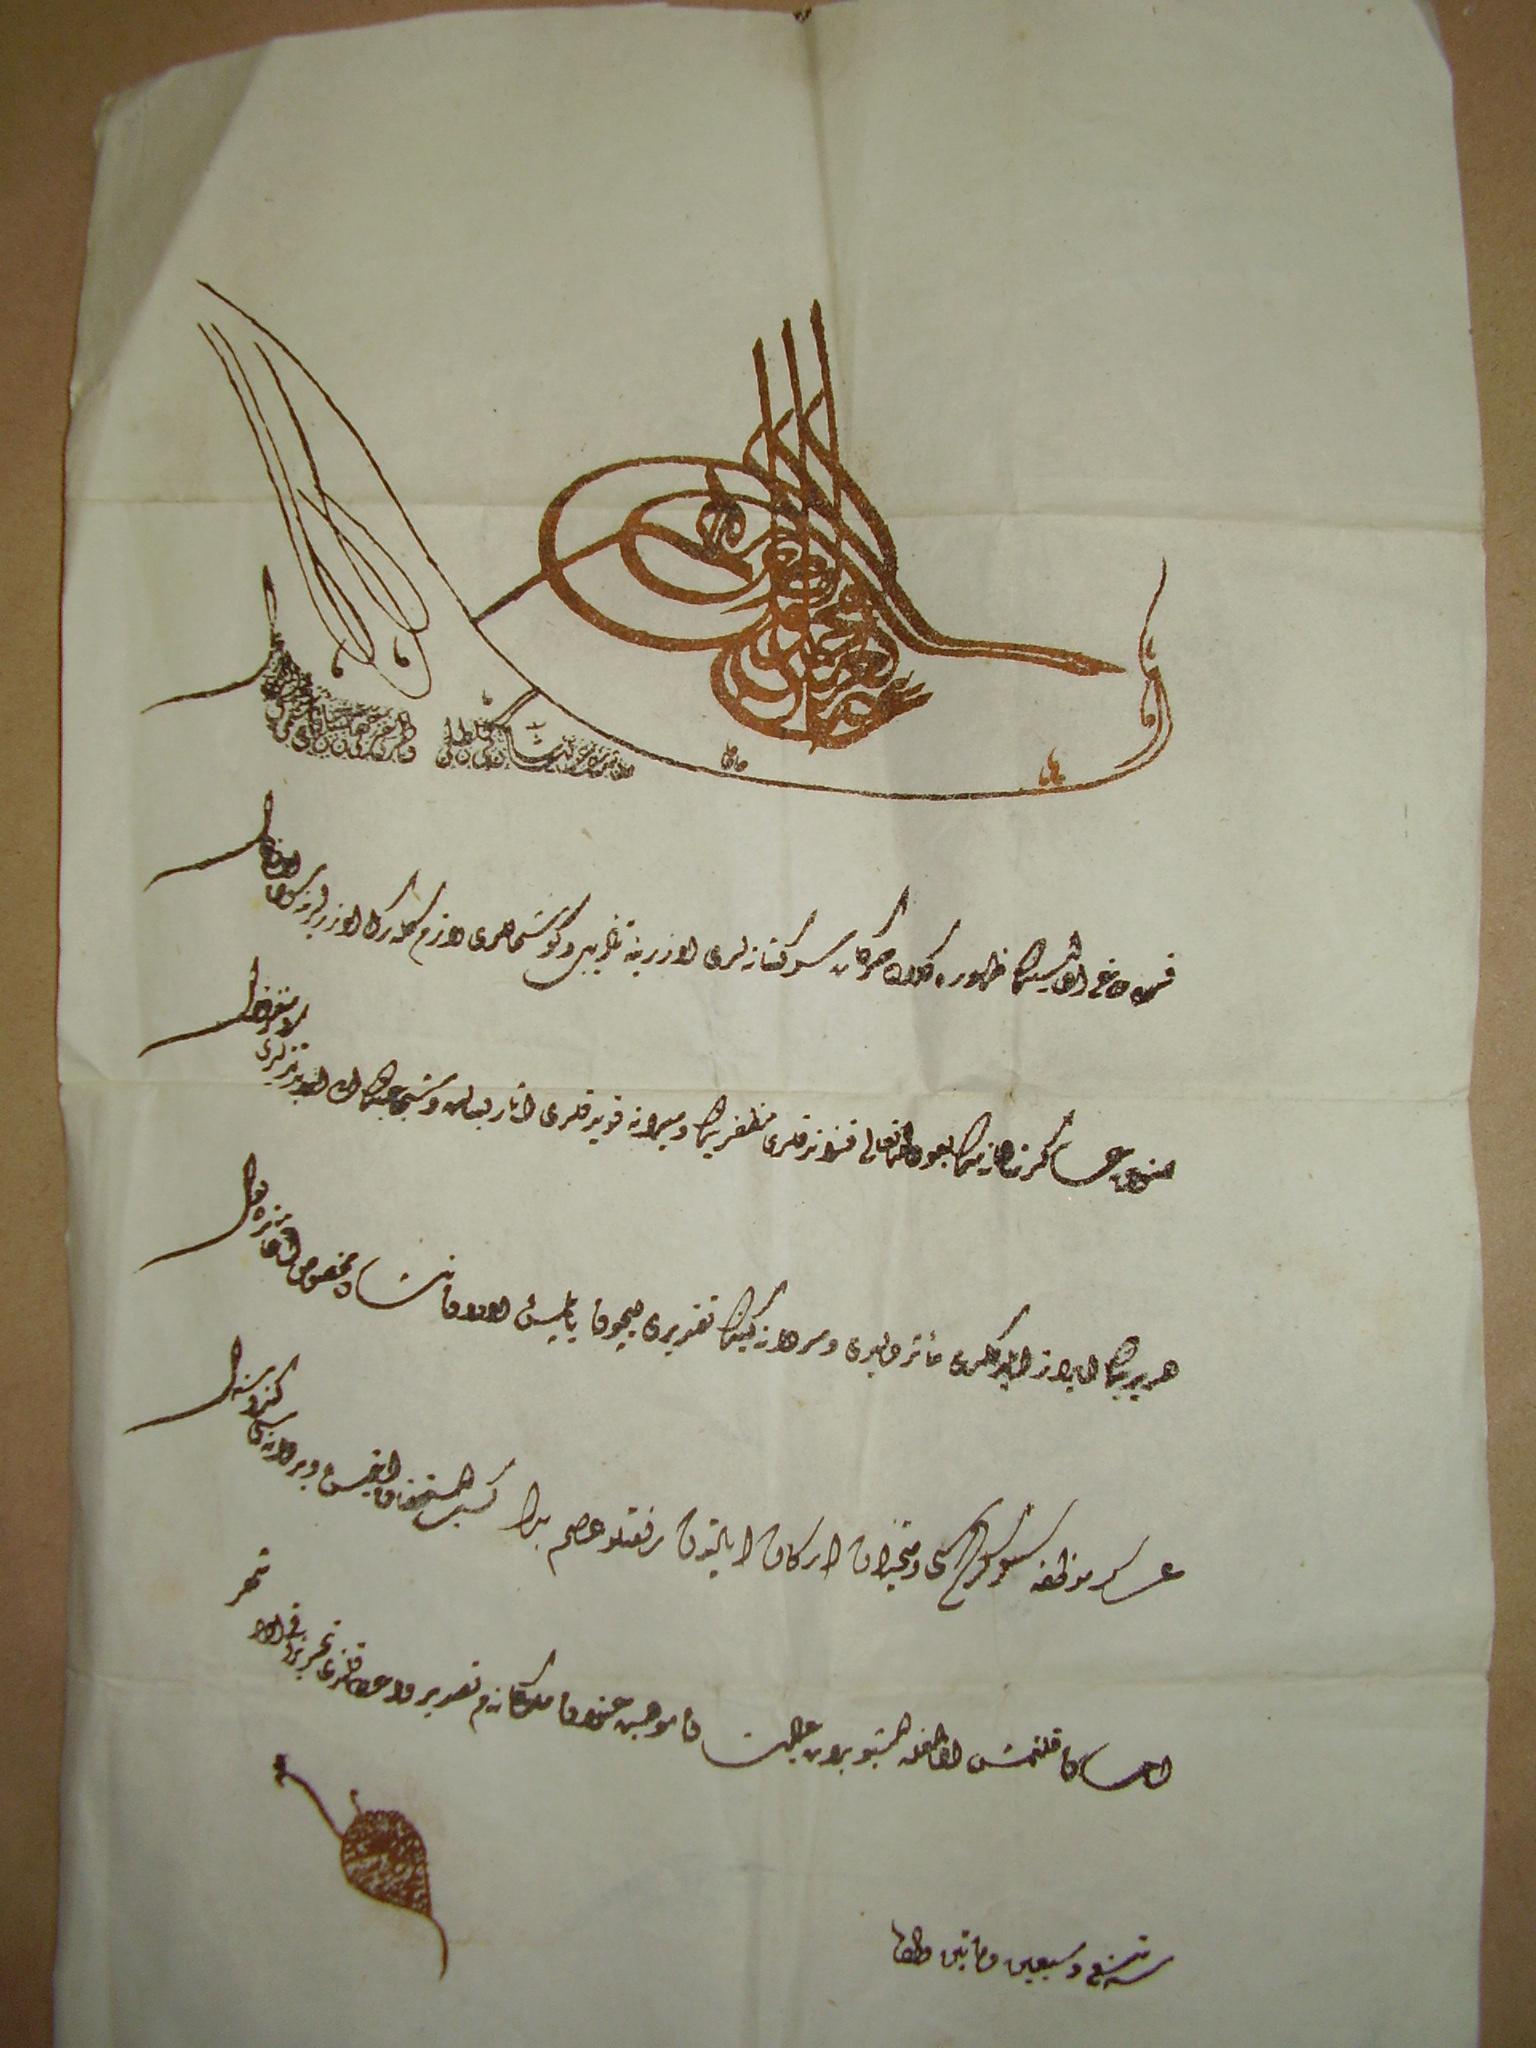 Odlikovanje za junaštvo u borbi sa Crnogorcima dato 1862. godine od sultana Abdul Aziza hadži Ahmed Asim-begu Muteveliću (mutevelija Gazi Husrev-begovog vakufa od 1855.-1885. godine)